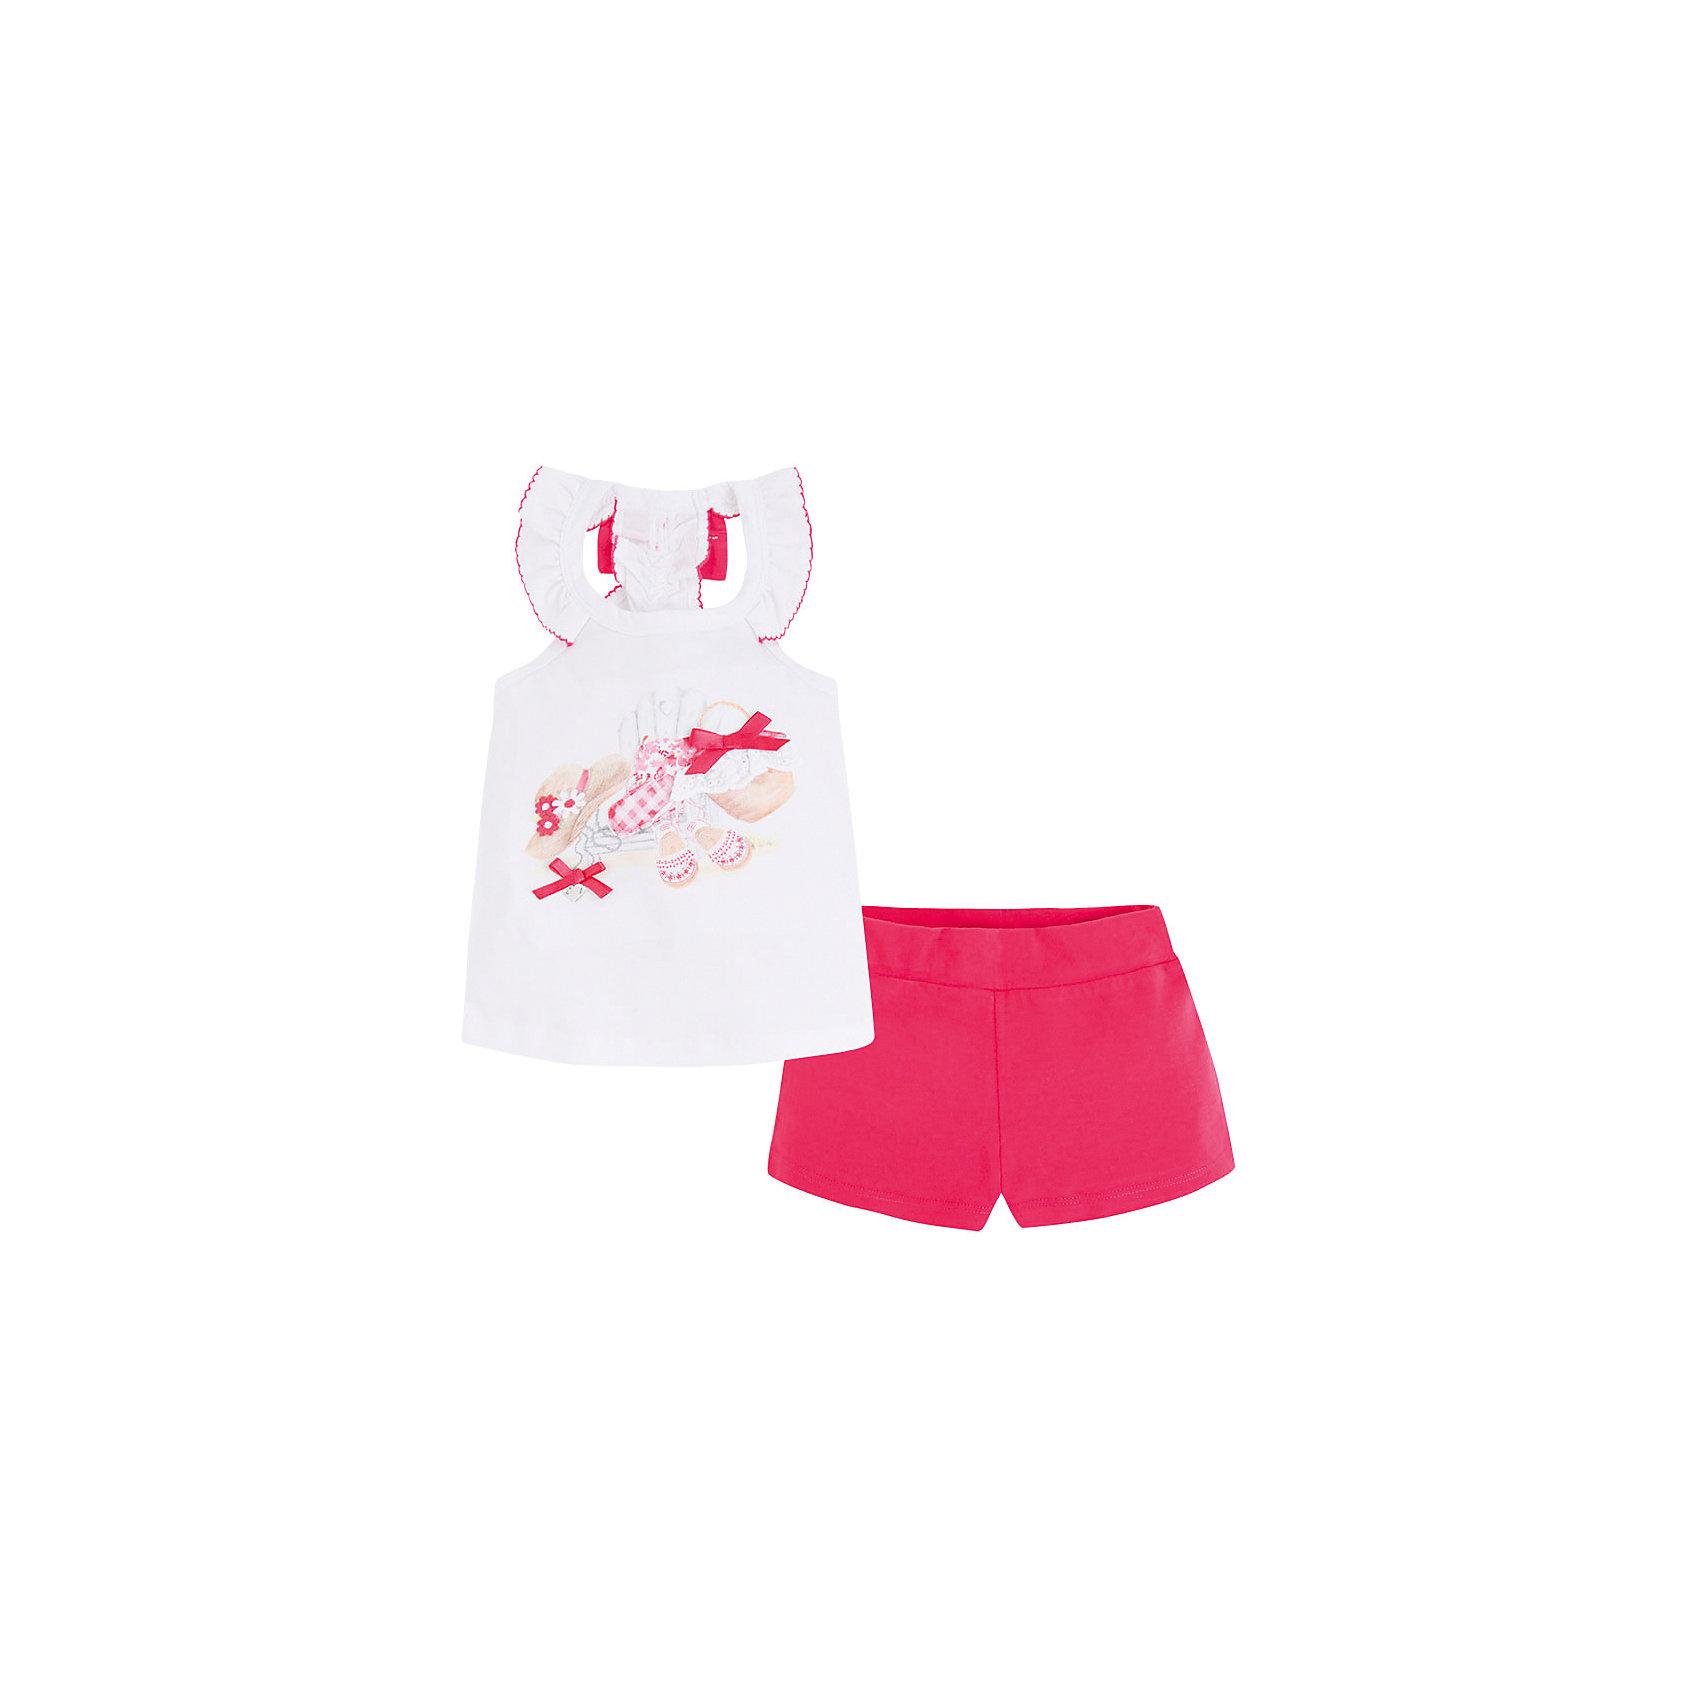 Комплект: майка и шорты для девочки MayoralКомплект для девочки: майка и шорты от известной испанской марки Mayoral - идеальный вариант для жаркой погоды! <br><br>Дополнительная информация:<br><br>- Мягкая трикотажная ткань. <br>- Округлый вырез горловины.<br>- Без рукавов.<br>- Майка с рюшами на вороте. <br>- Принт и декоративные атласные бантики на груди.<br>- Яркий бант на спине. <br>- Шорты на эластичном поясе.<br>- Состав: 100% хлопок.<br><br>Комплект для девочки: майку и шорты Mayoral (Майорал) можно купить в нашем магазине.<br><br>Ширина мм: 191<br>Глубина мм: 10<br>Высота мм: 175<br>Вес г: 273<br>Цвет: красный<br>Возраст от месяцев: 60<br>Возраст до месяцев: 72<br>Пол: Женский<br>Возраст: Детский<br>Размер: 116,134,122,110,104,98,128<br>SKU: 4543765